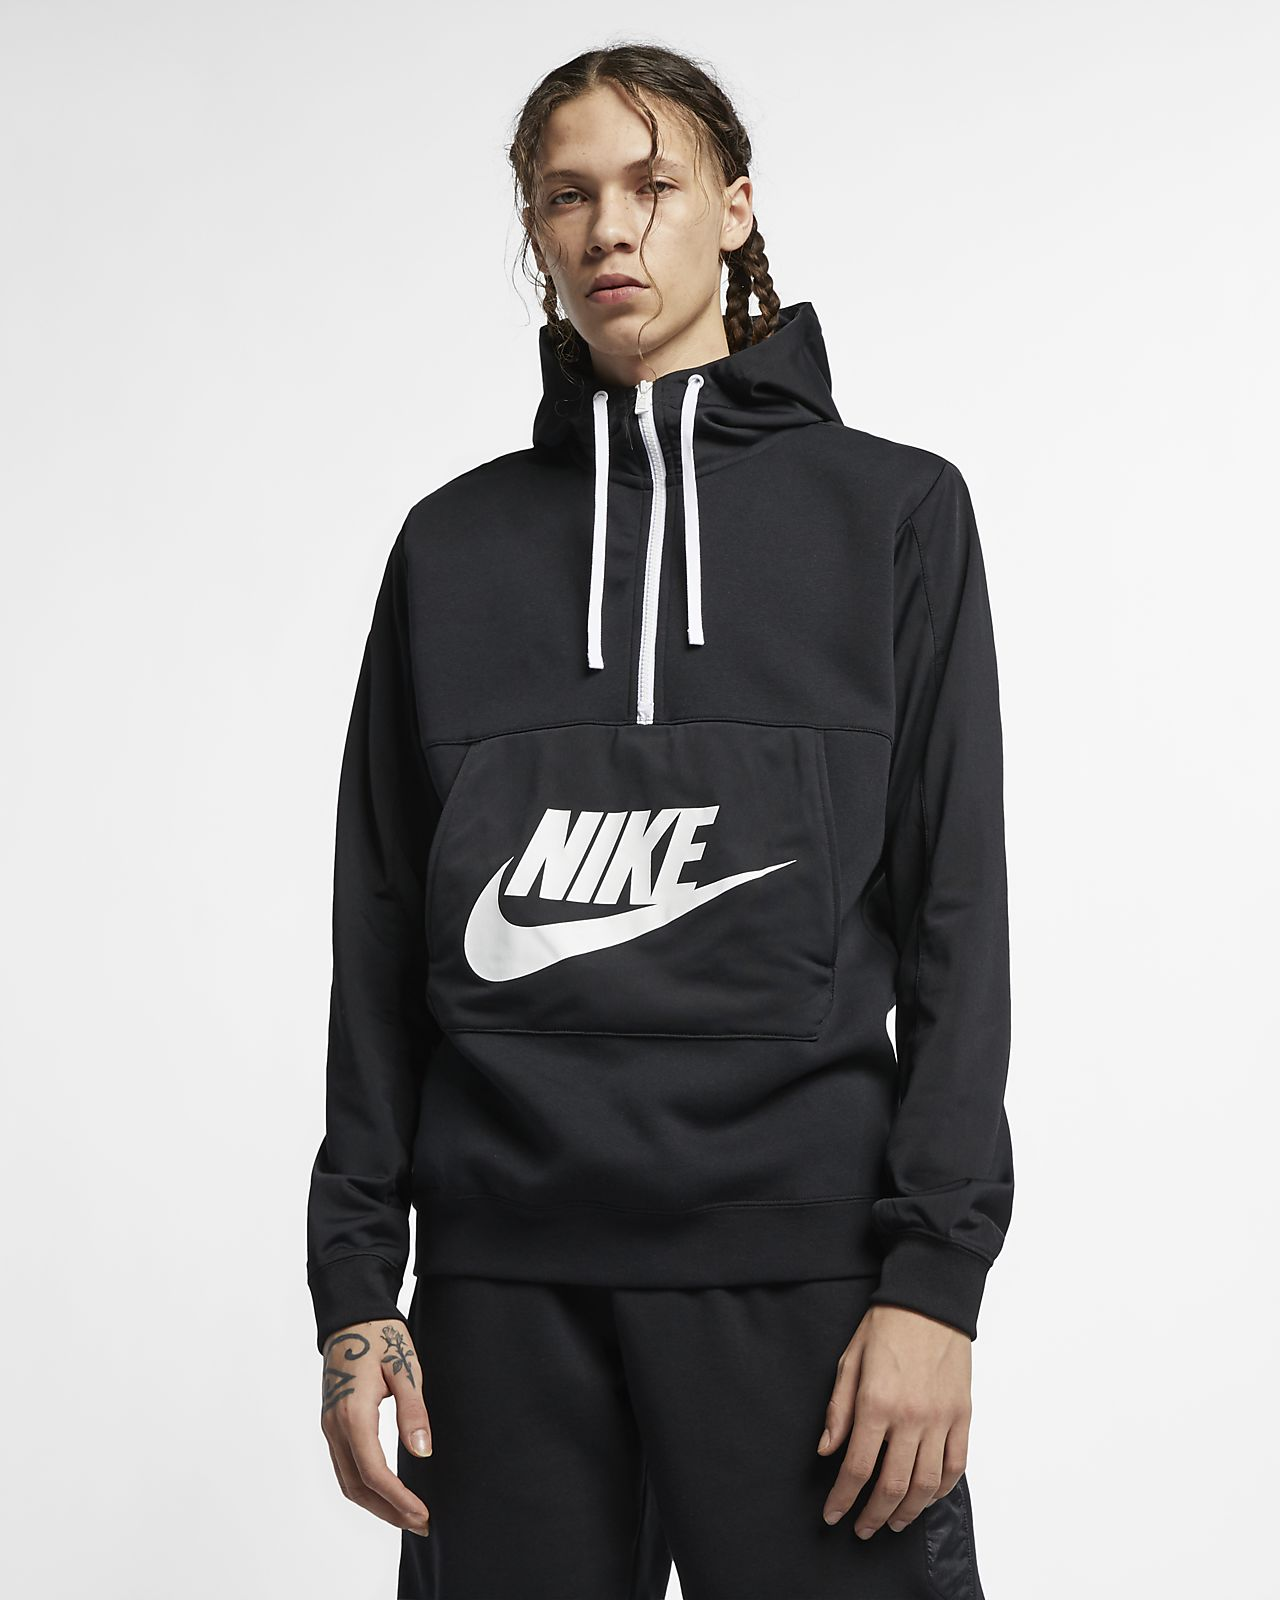 nike hoodie 1/2 zip